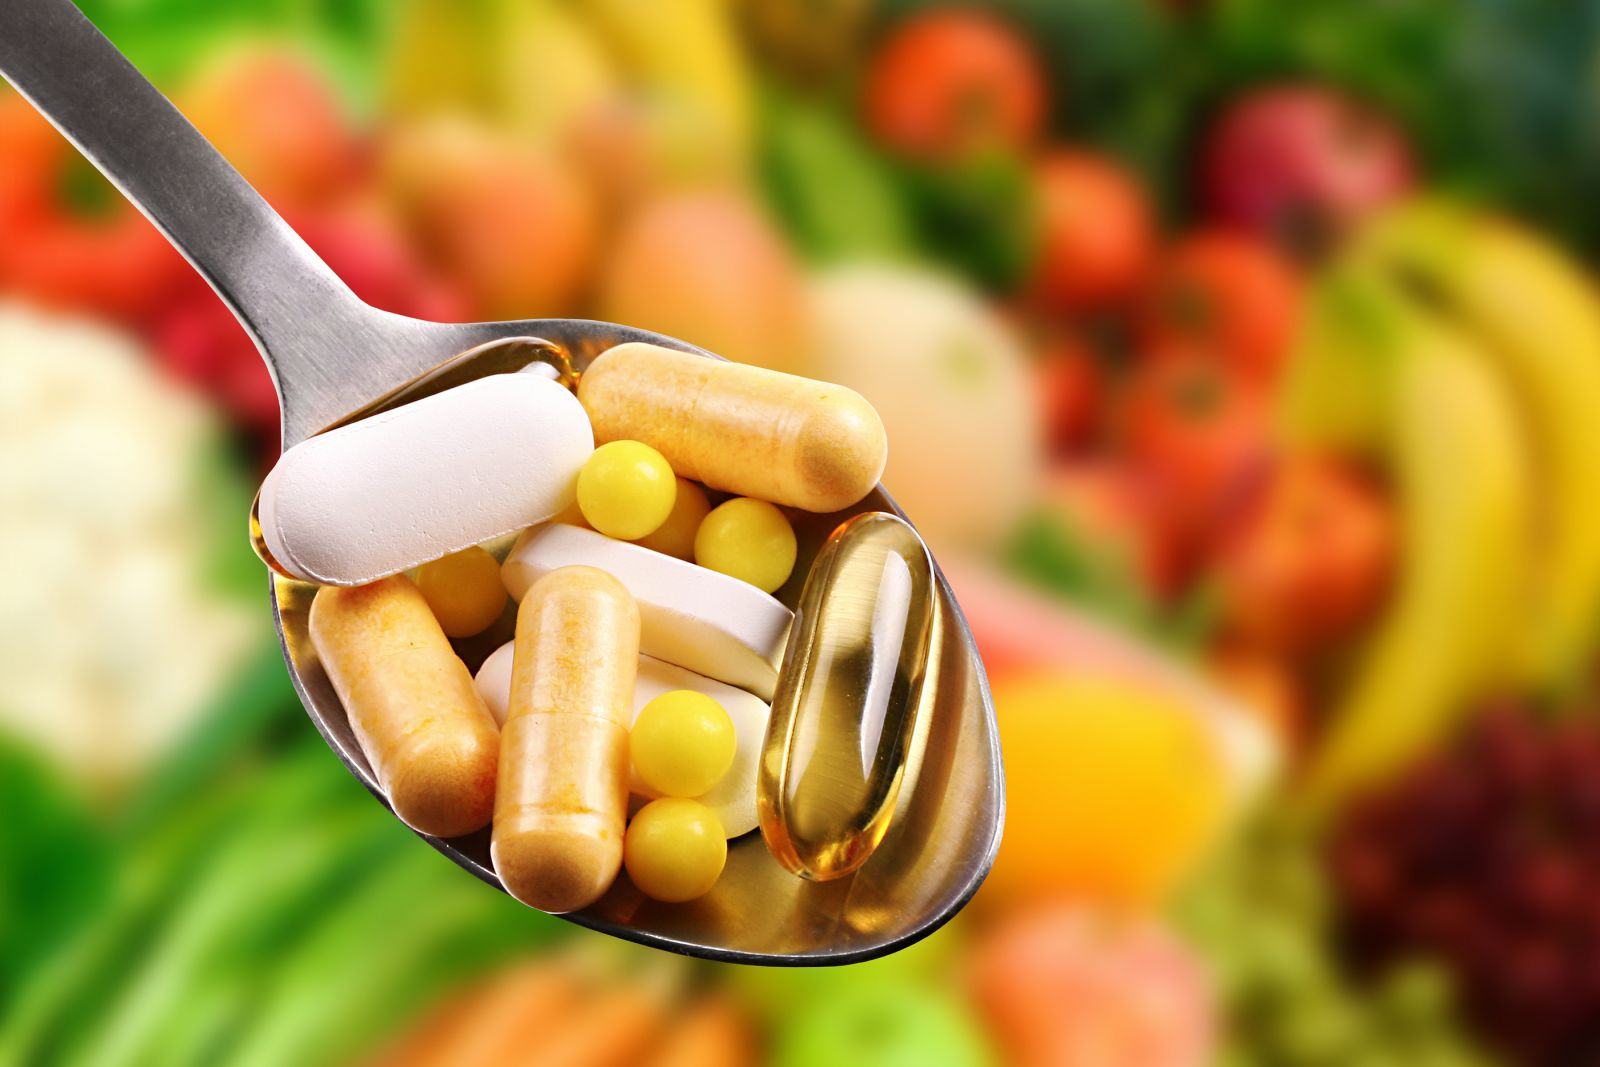 Рекомендуемые кето-добавки витаминов, минералов и кислот Кето Диета